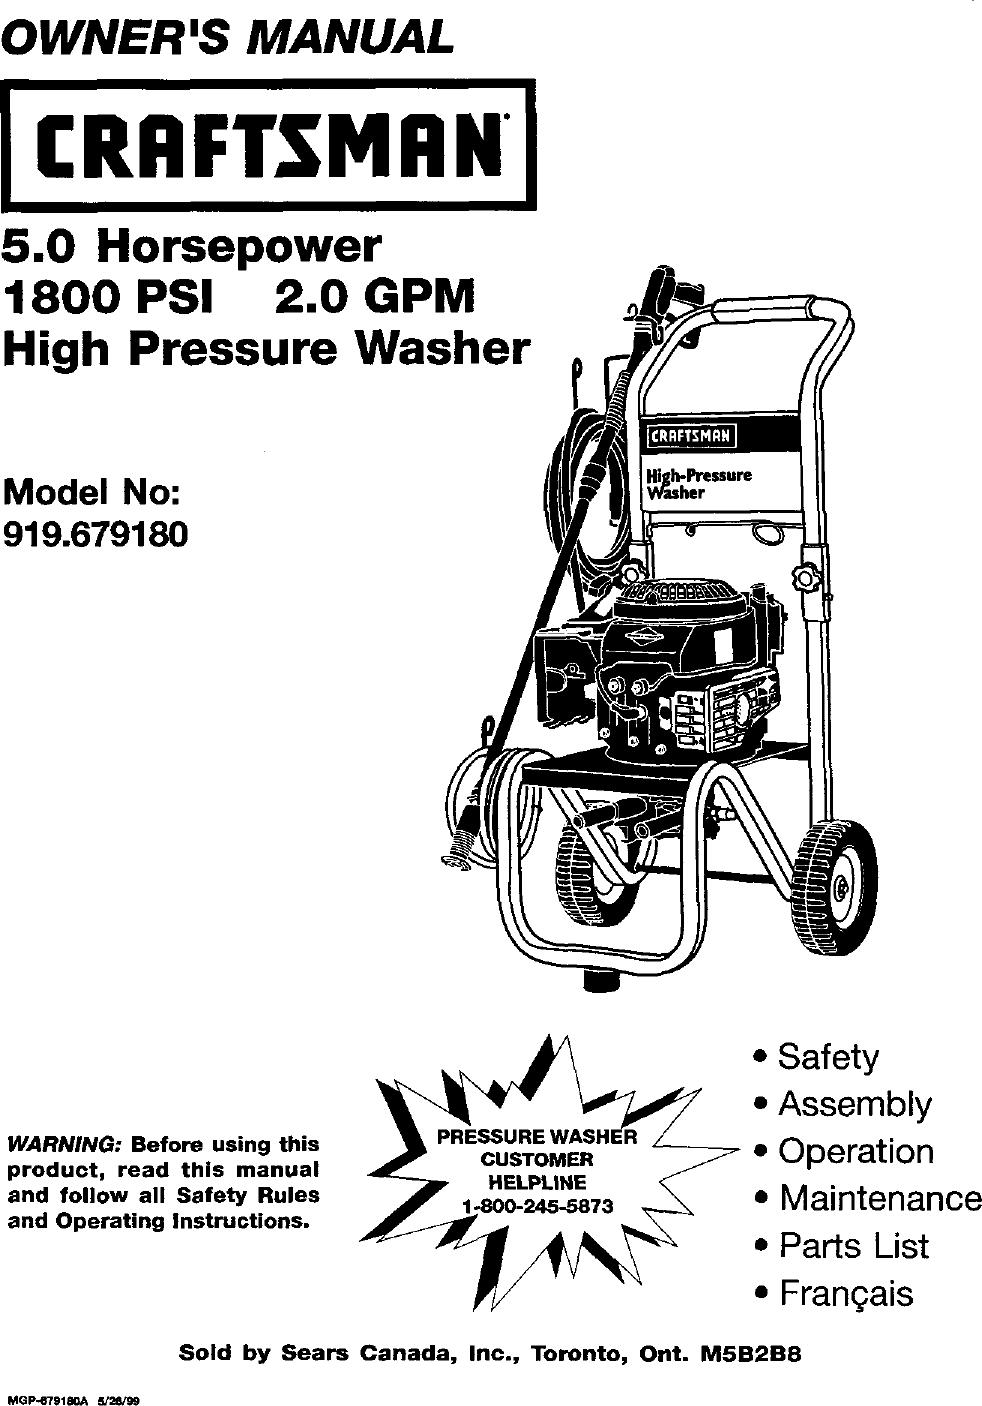 ... Craftsman 919679180 User Manual 2400 PSI HIGH PRESSURE ...